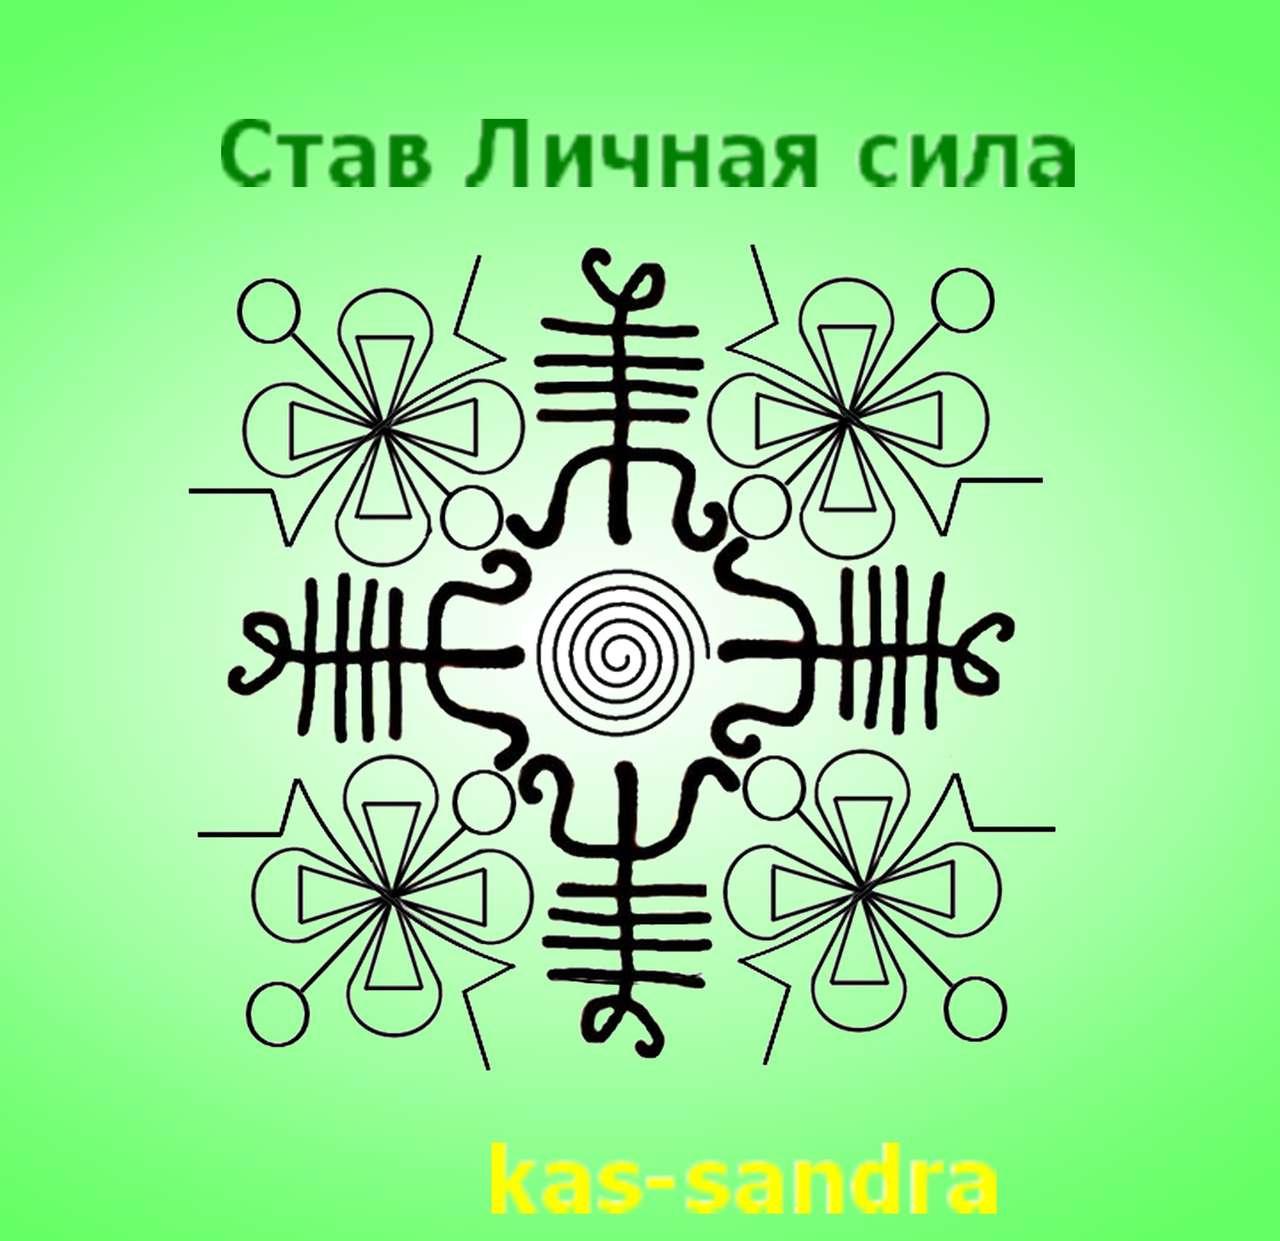 hudaya-daet-tolko-v-anal